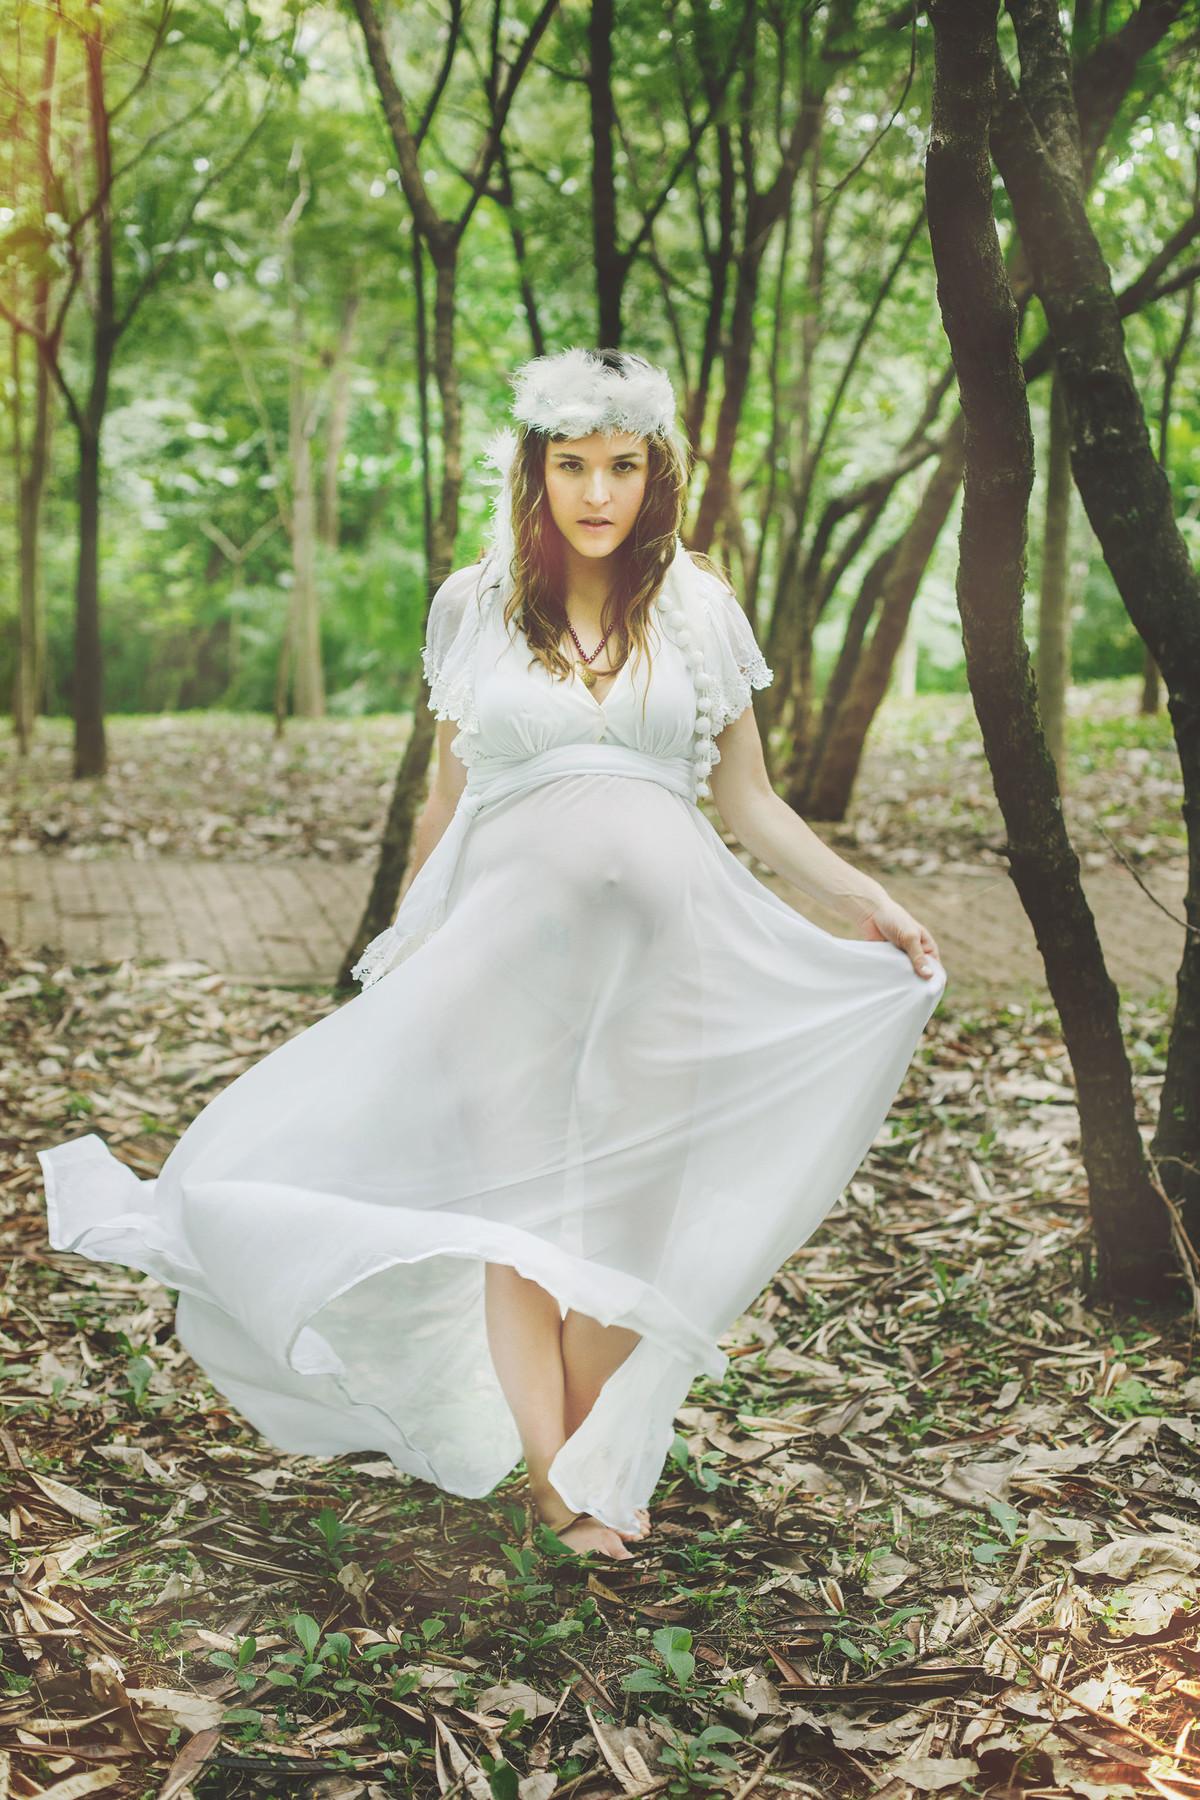 Grávida andando com vestido branco pela floresta em Brasília-DF. Pregnant walking with her white dress in the woods